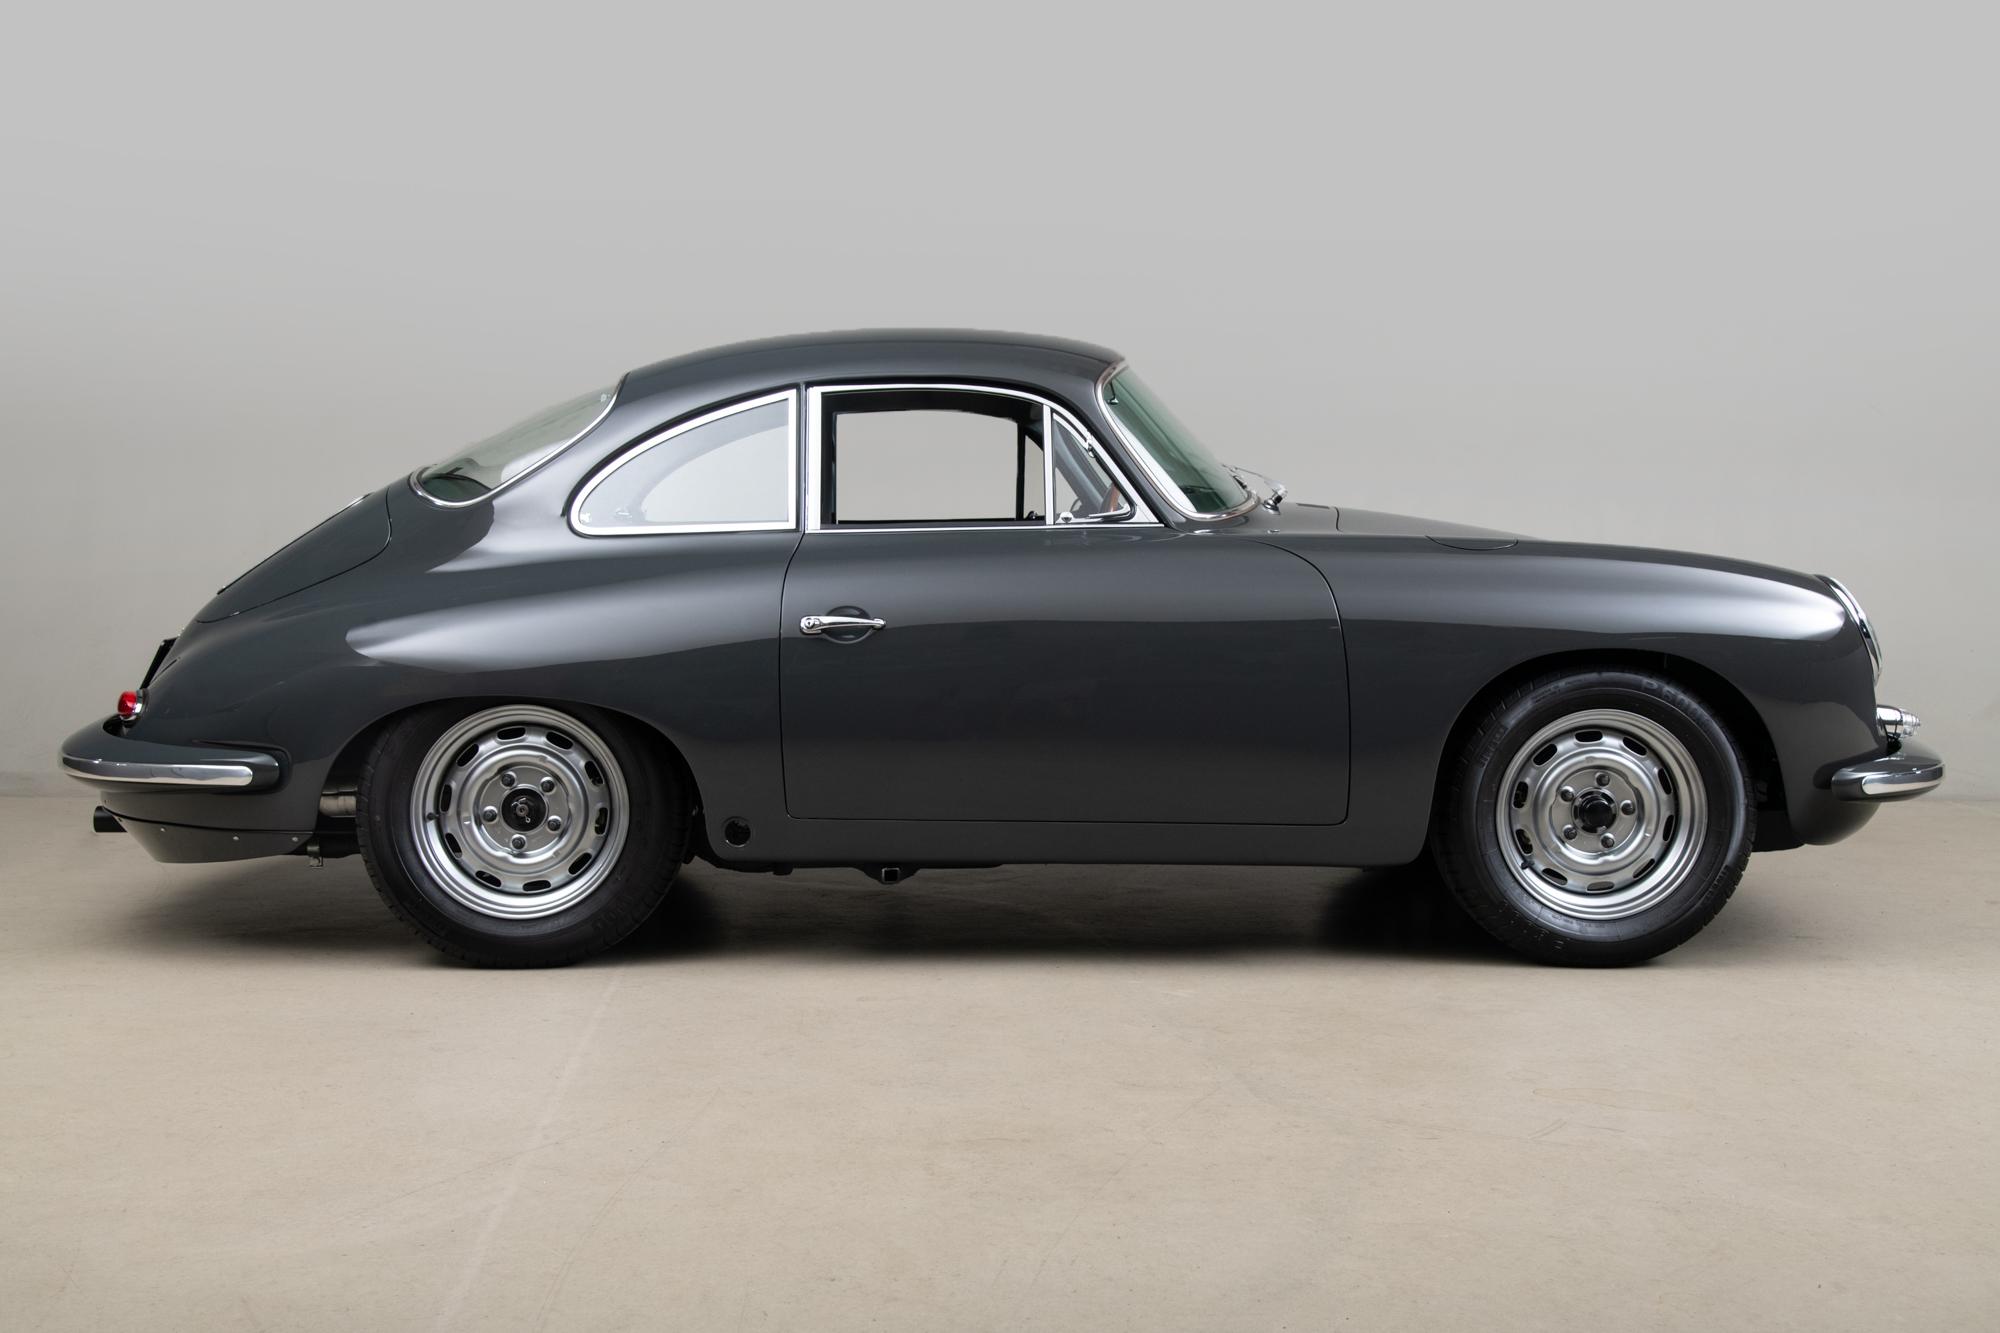 1964 Porsche 356 SC Outlaw , SLATE GRAY, VIN 216071, MILEAGE 48580